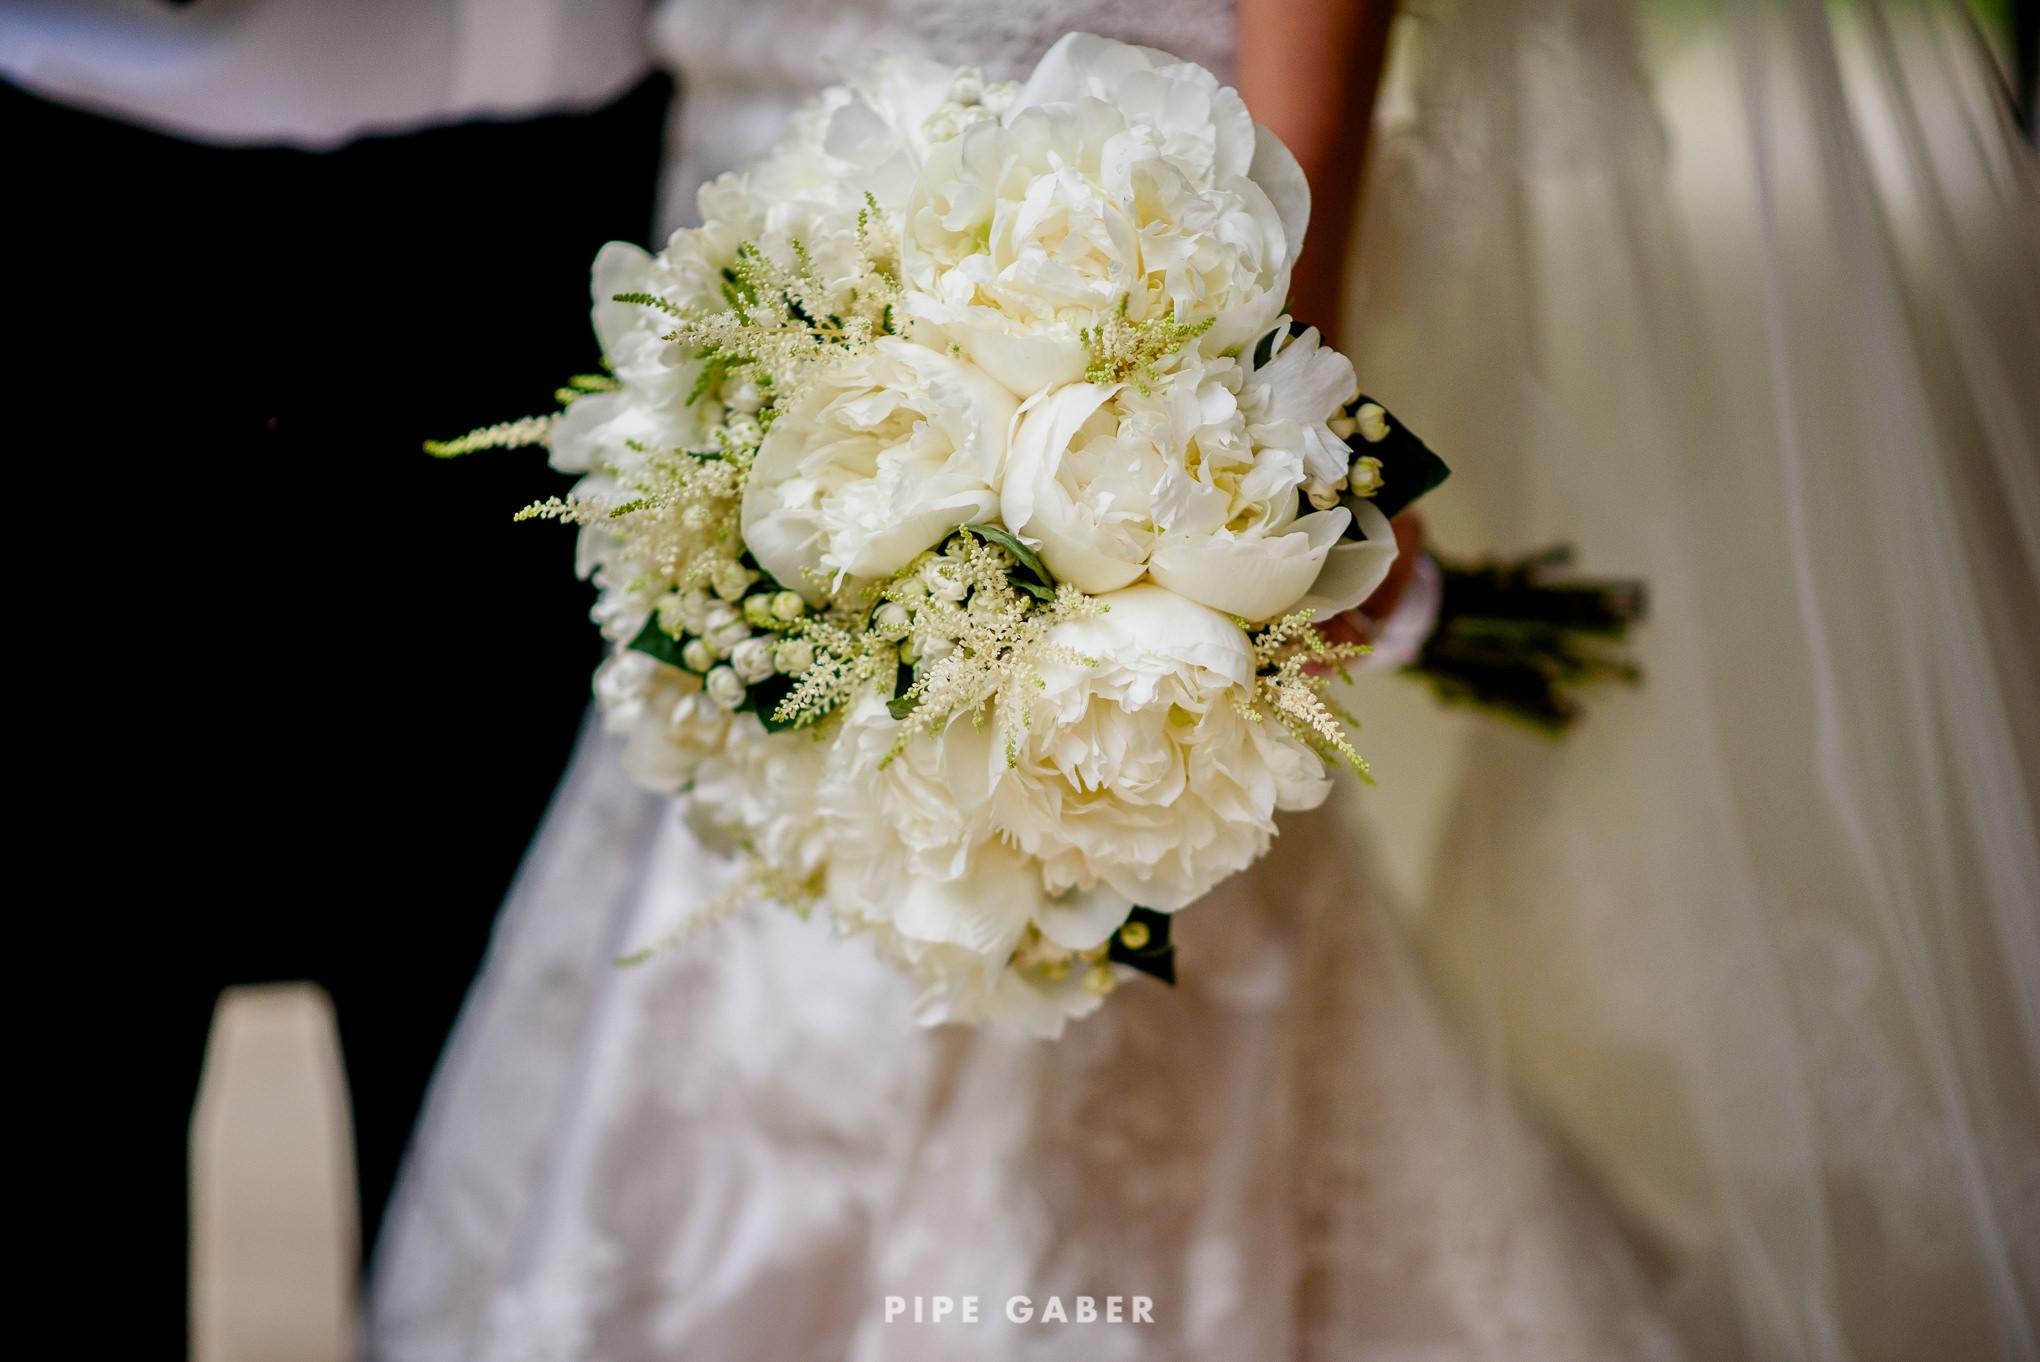 TIPS_FOR_BRIDES_TIPOS_DE_RAMO_07.JPG